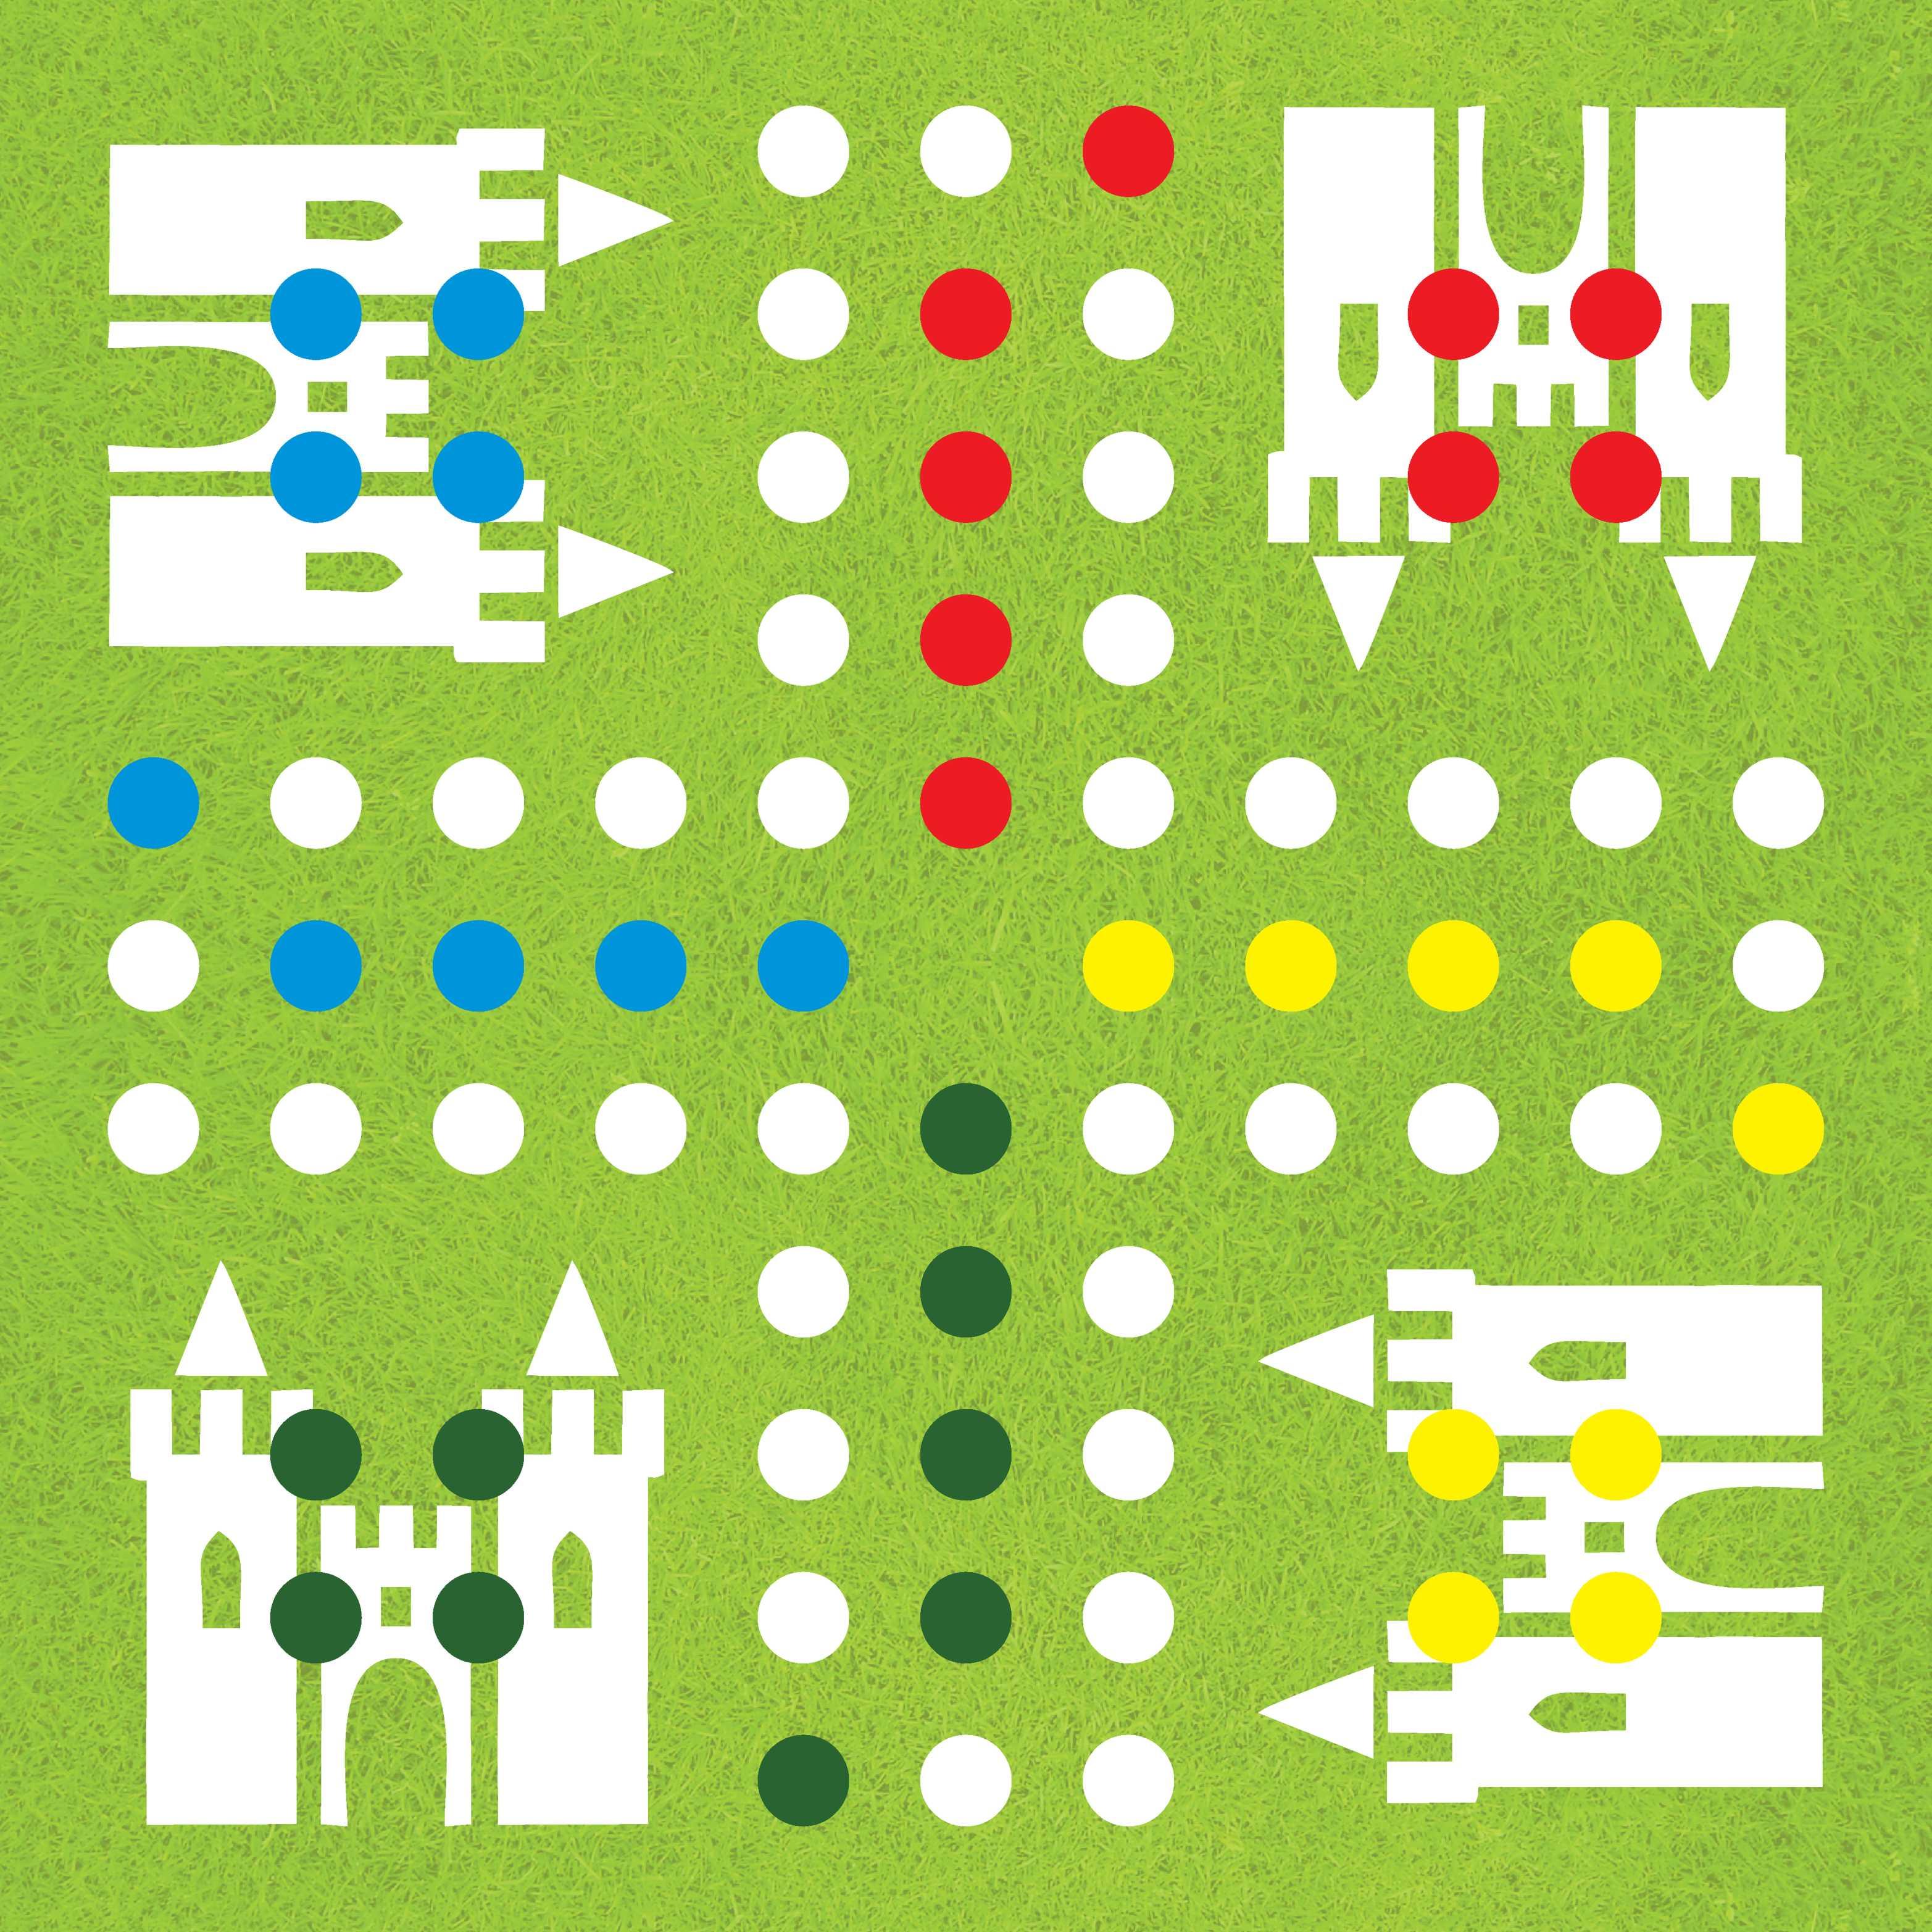 homemade games for kids diy ludo board game. Black Bedroom Furniture Sets. Home Design Ideas